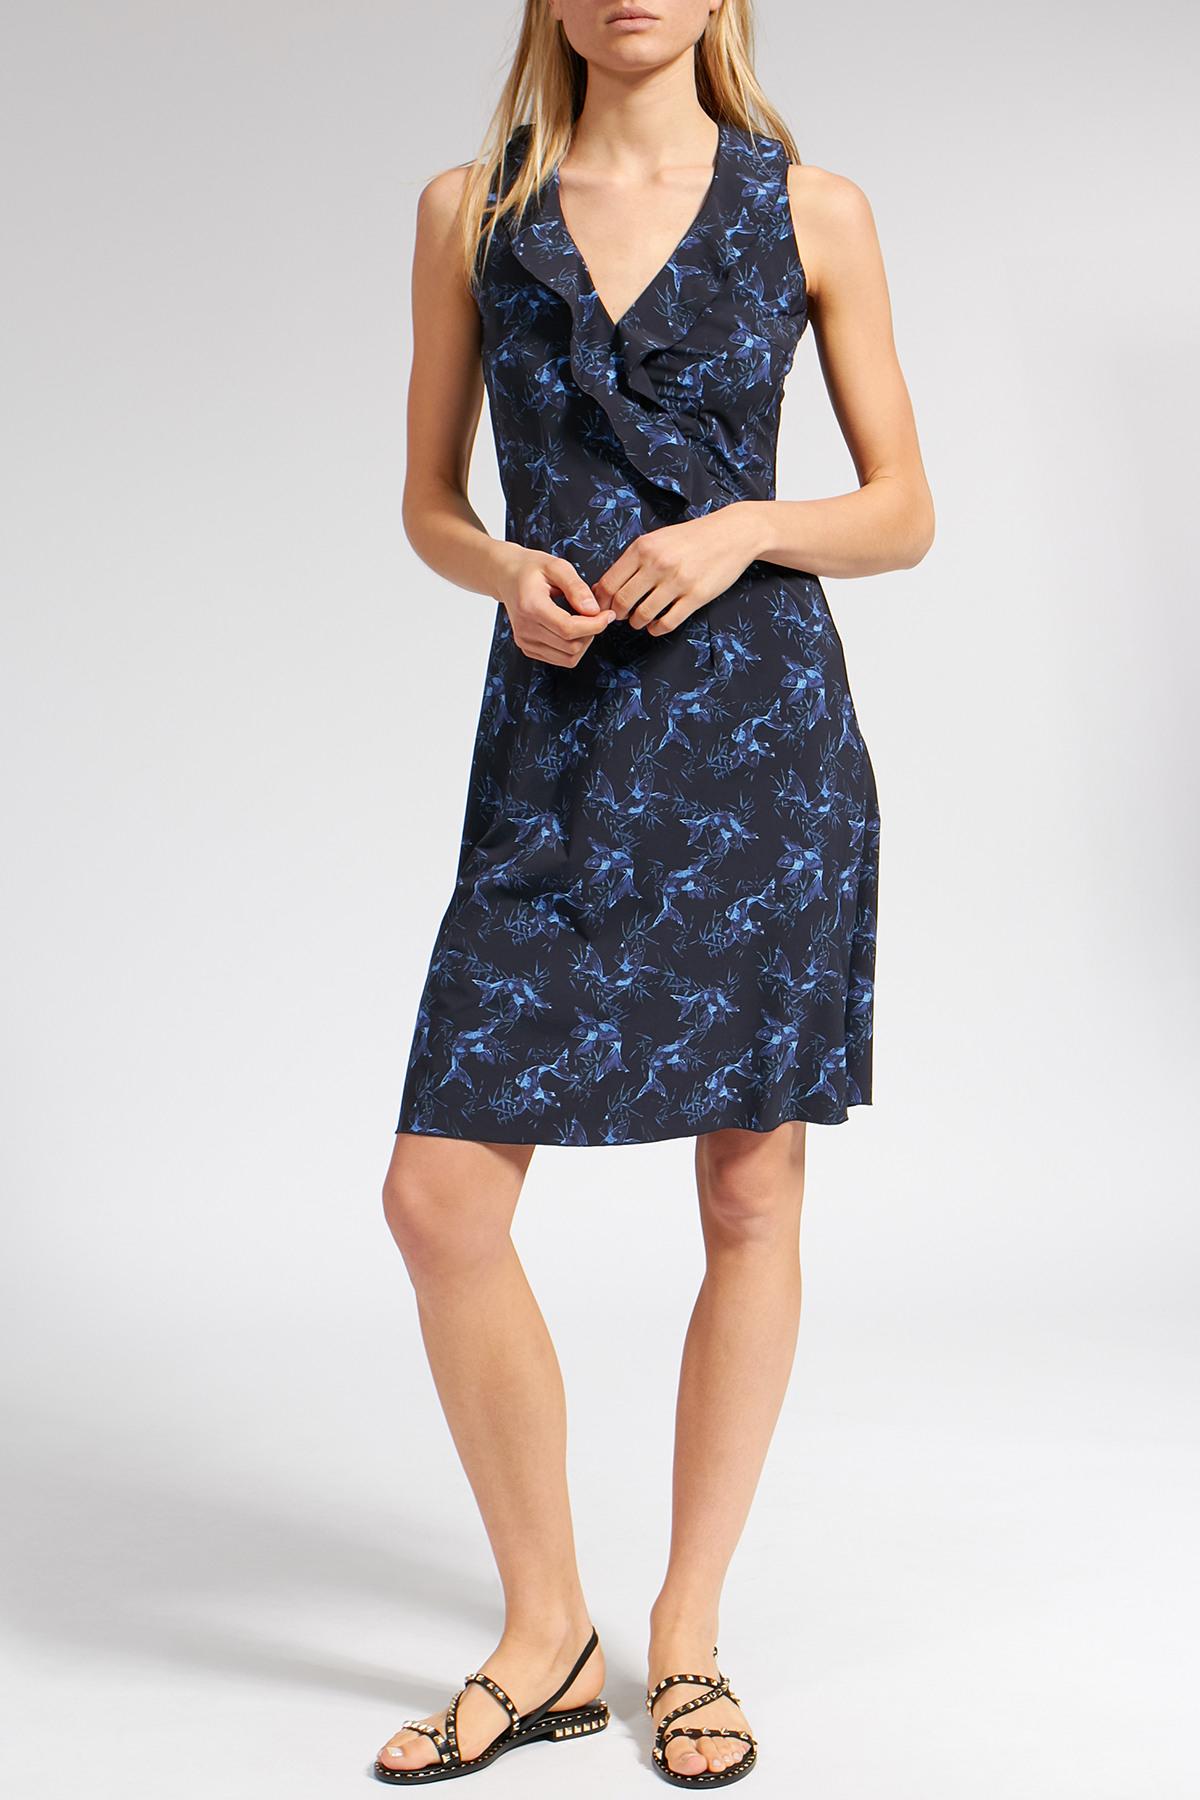 Gemustertes Kleid Mit Volantdetail  Wetines